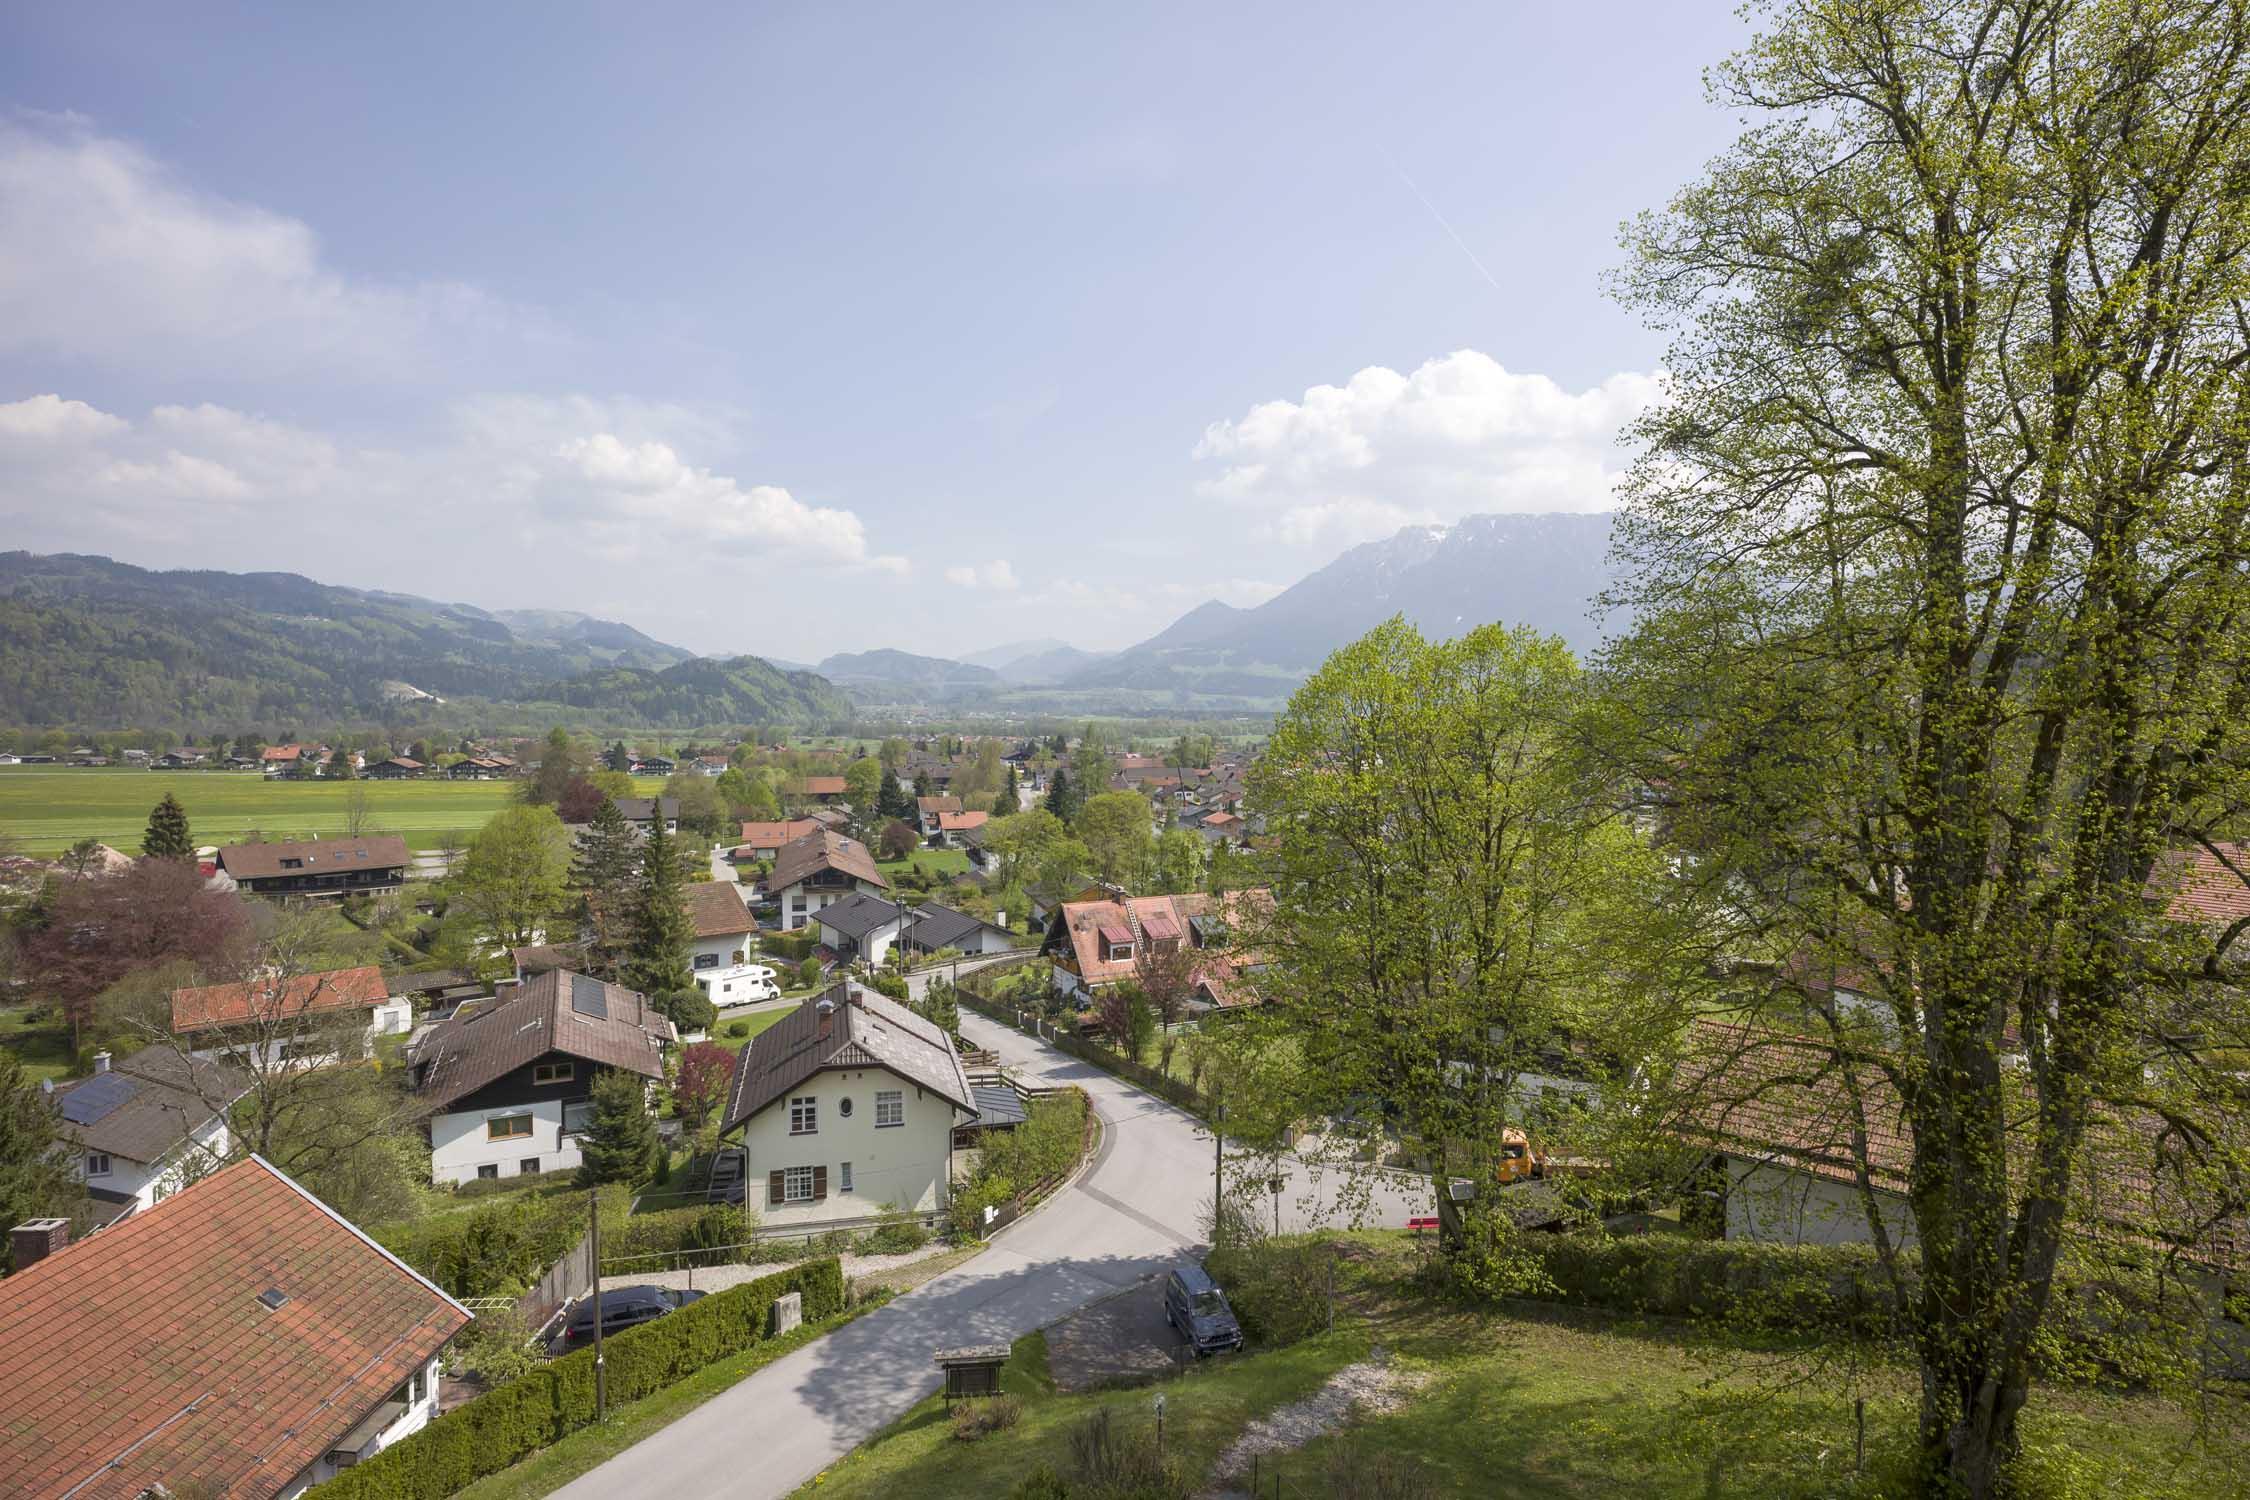 Ferienwohnung Dannapfel im Bergschlößl (DE Oberaudorf). 2-Zimmer Ferienwohnung (710001), Oberaudorf, Chiemgau, Bayern, Deutschland, Bild 10